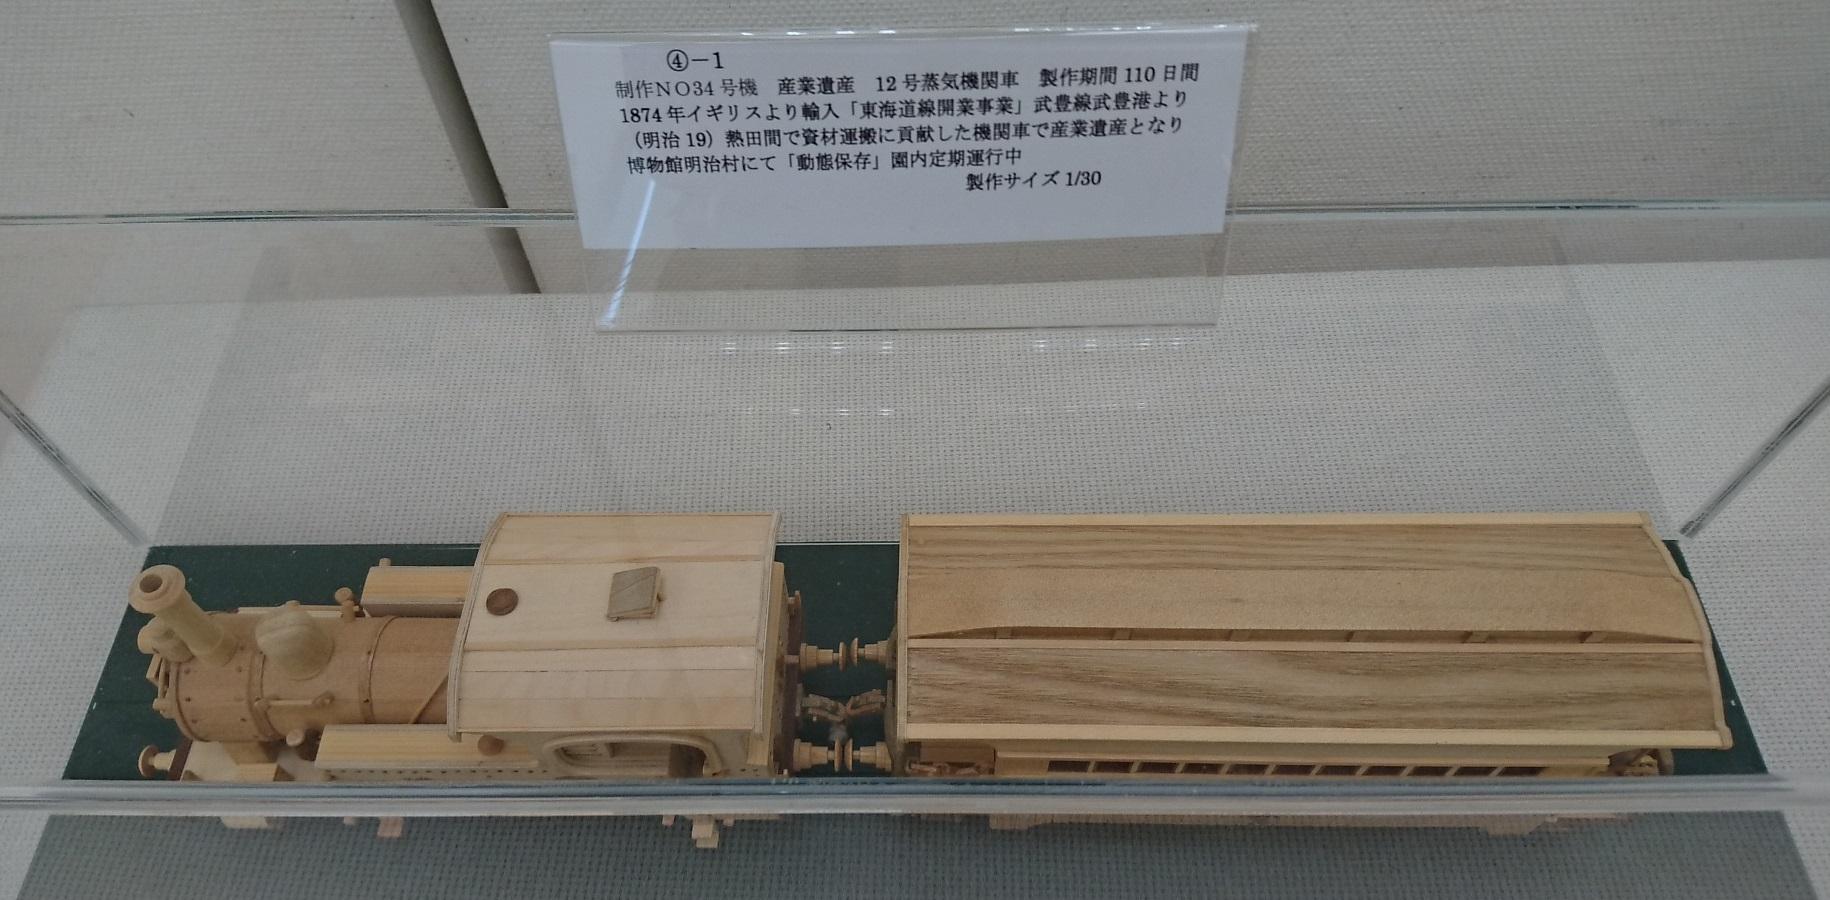 2018.3.21 木工細工蒸気機関車展 (8) 蒸気機関車12号 - 説明がき 1830-900